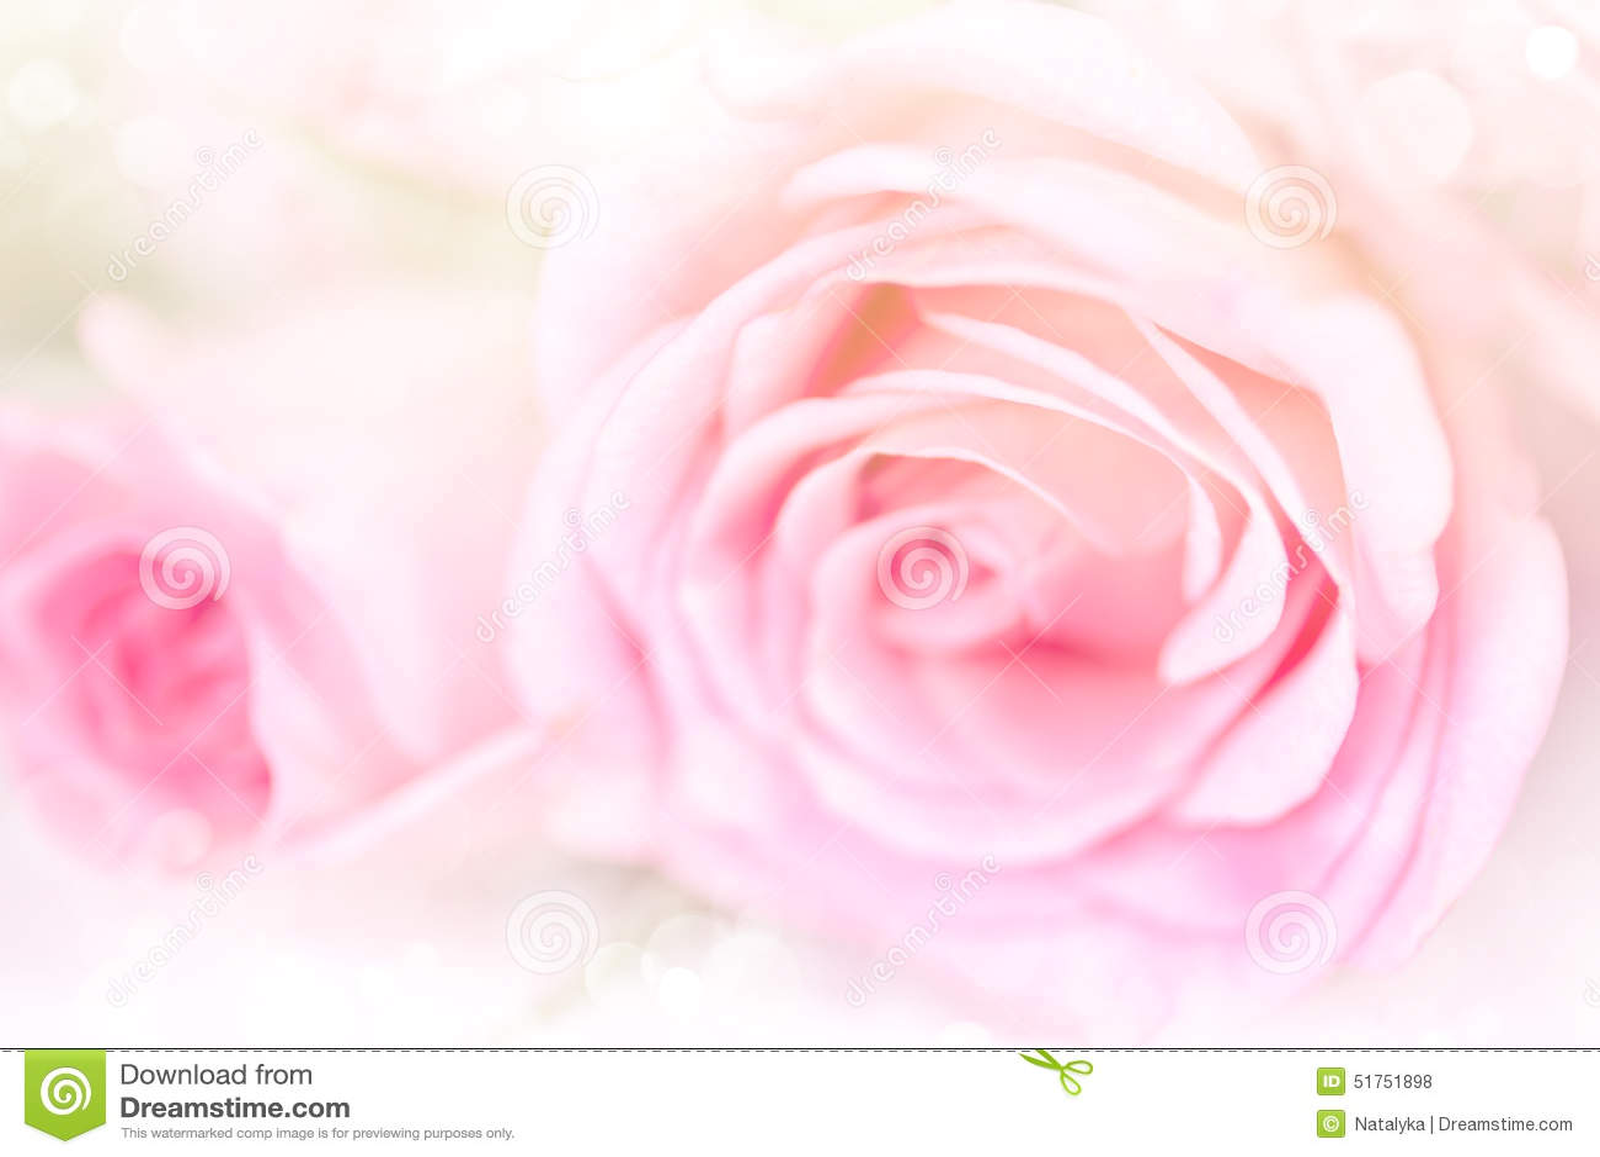 fond de roses de fleur avec la couleur rose douce photo stock image 51751898. Black Bedroom Furniture Sets. Home Design Ideas